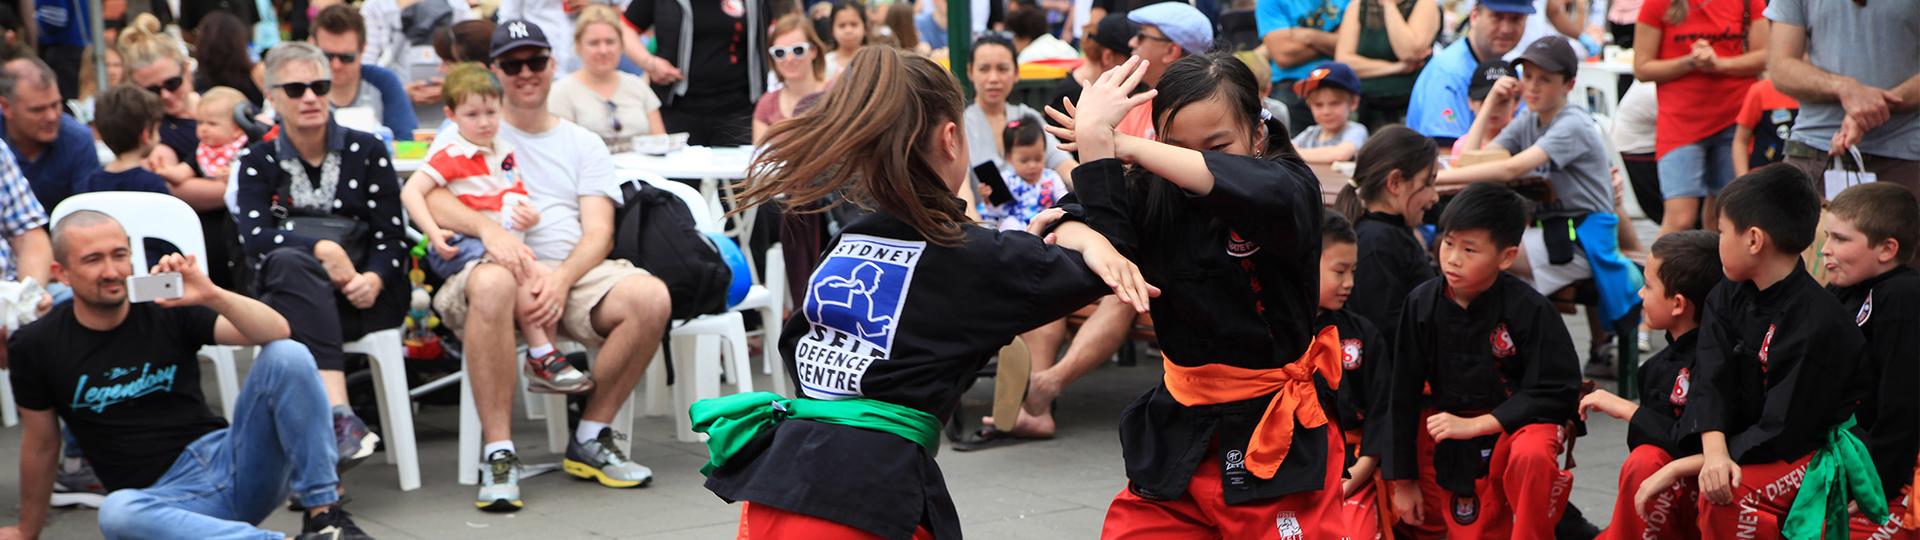 Kids Kung Fu